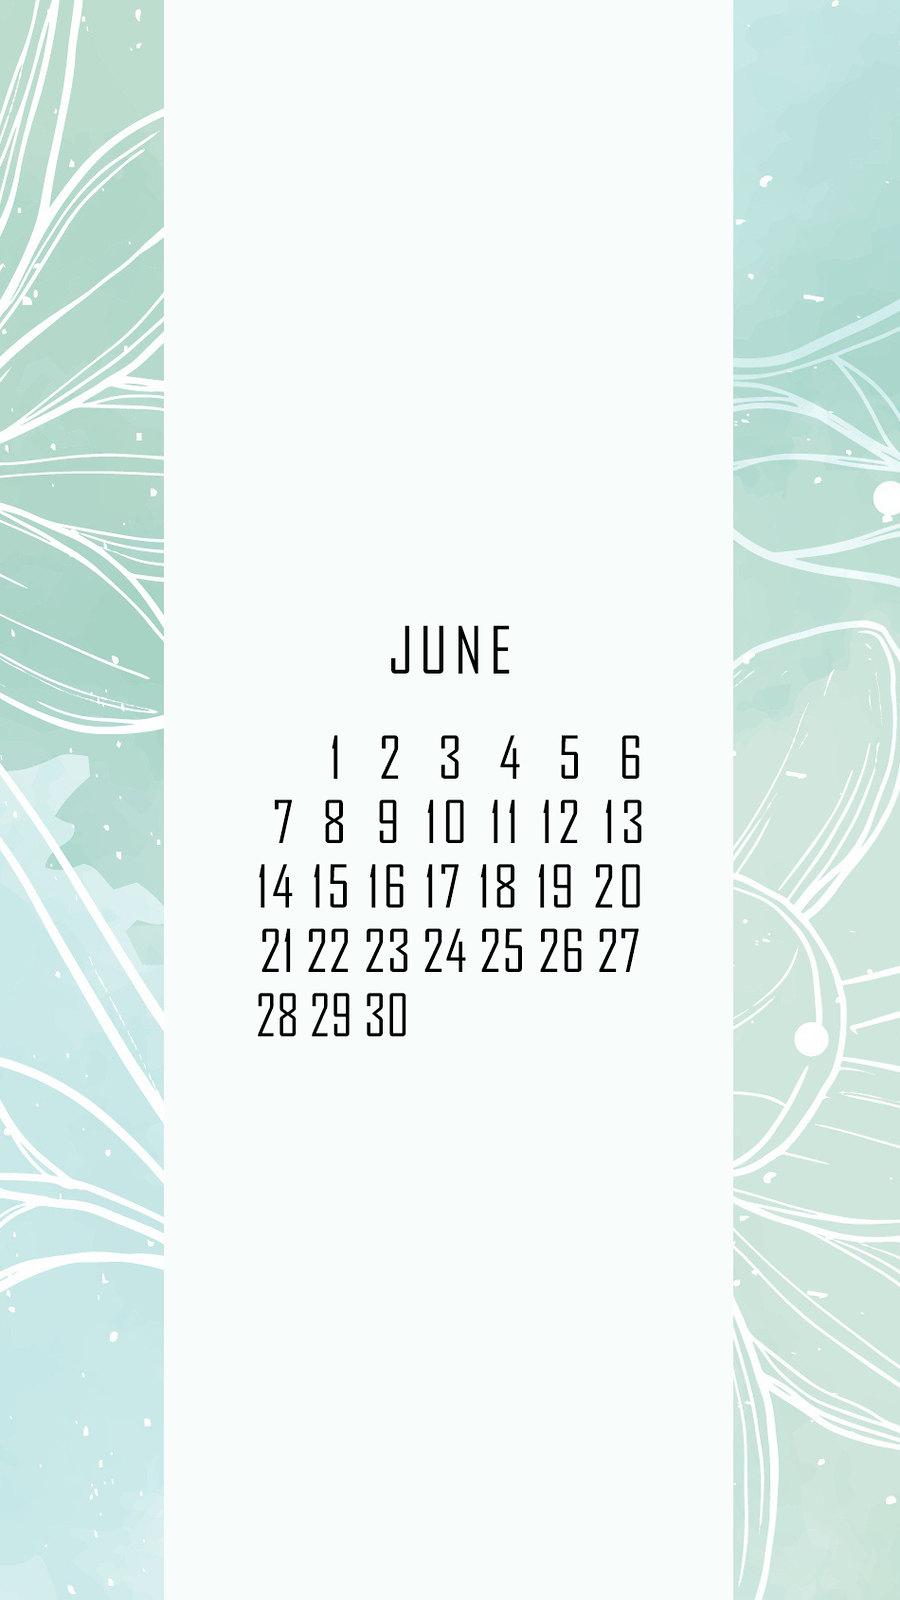 календарь на июнь '21, заставка на смартфон, district-f.org 6